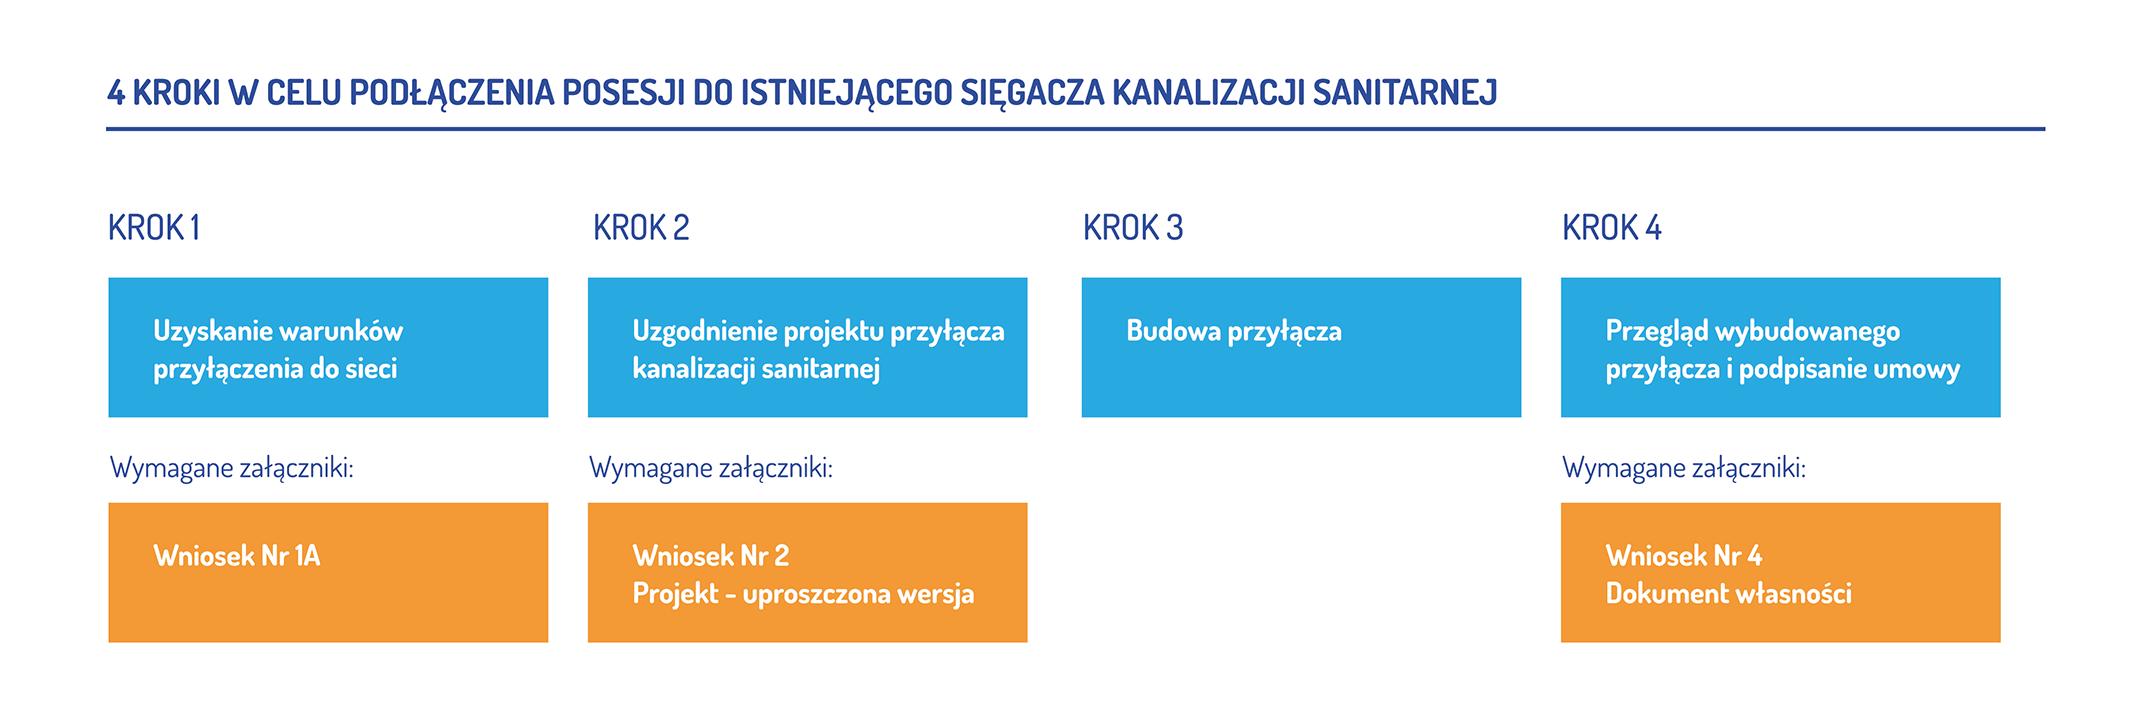 Graf przedstawiający proces przyłączenia do sięgacza kanalizacji sanitarnej. Krok pierwszy to uzyskanie warunków przyłączenia do sieci. Krok drugi to uzgodnienie projektu przyłącza kanalizacji sanitarnej. Krok trzeci to budowa przyłącza. Krok czwarty to przegląd wybudowanego przyłącza i podpisanie umowy. Wymagane załączniki to wniosek numer jeden a, wniosek numer dwa i projekt w uproszczonej wersji oraz wniosek numer cztery z dokumentem własności.